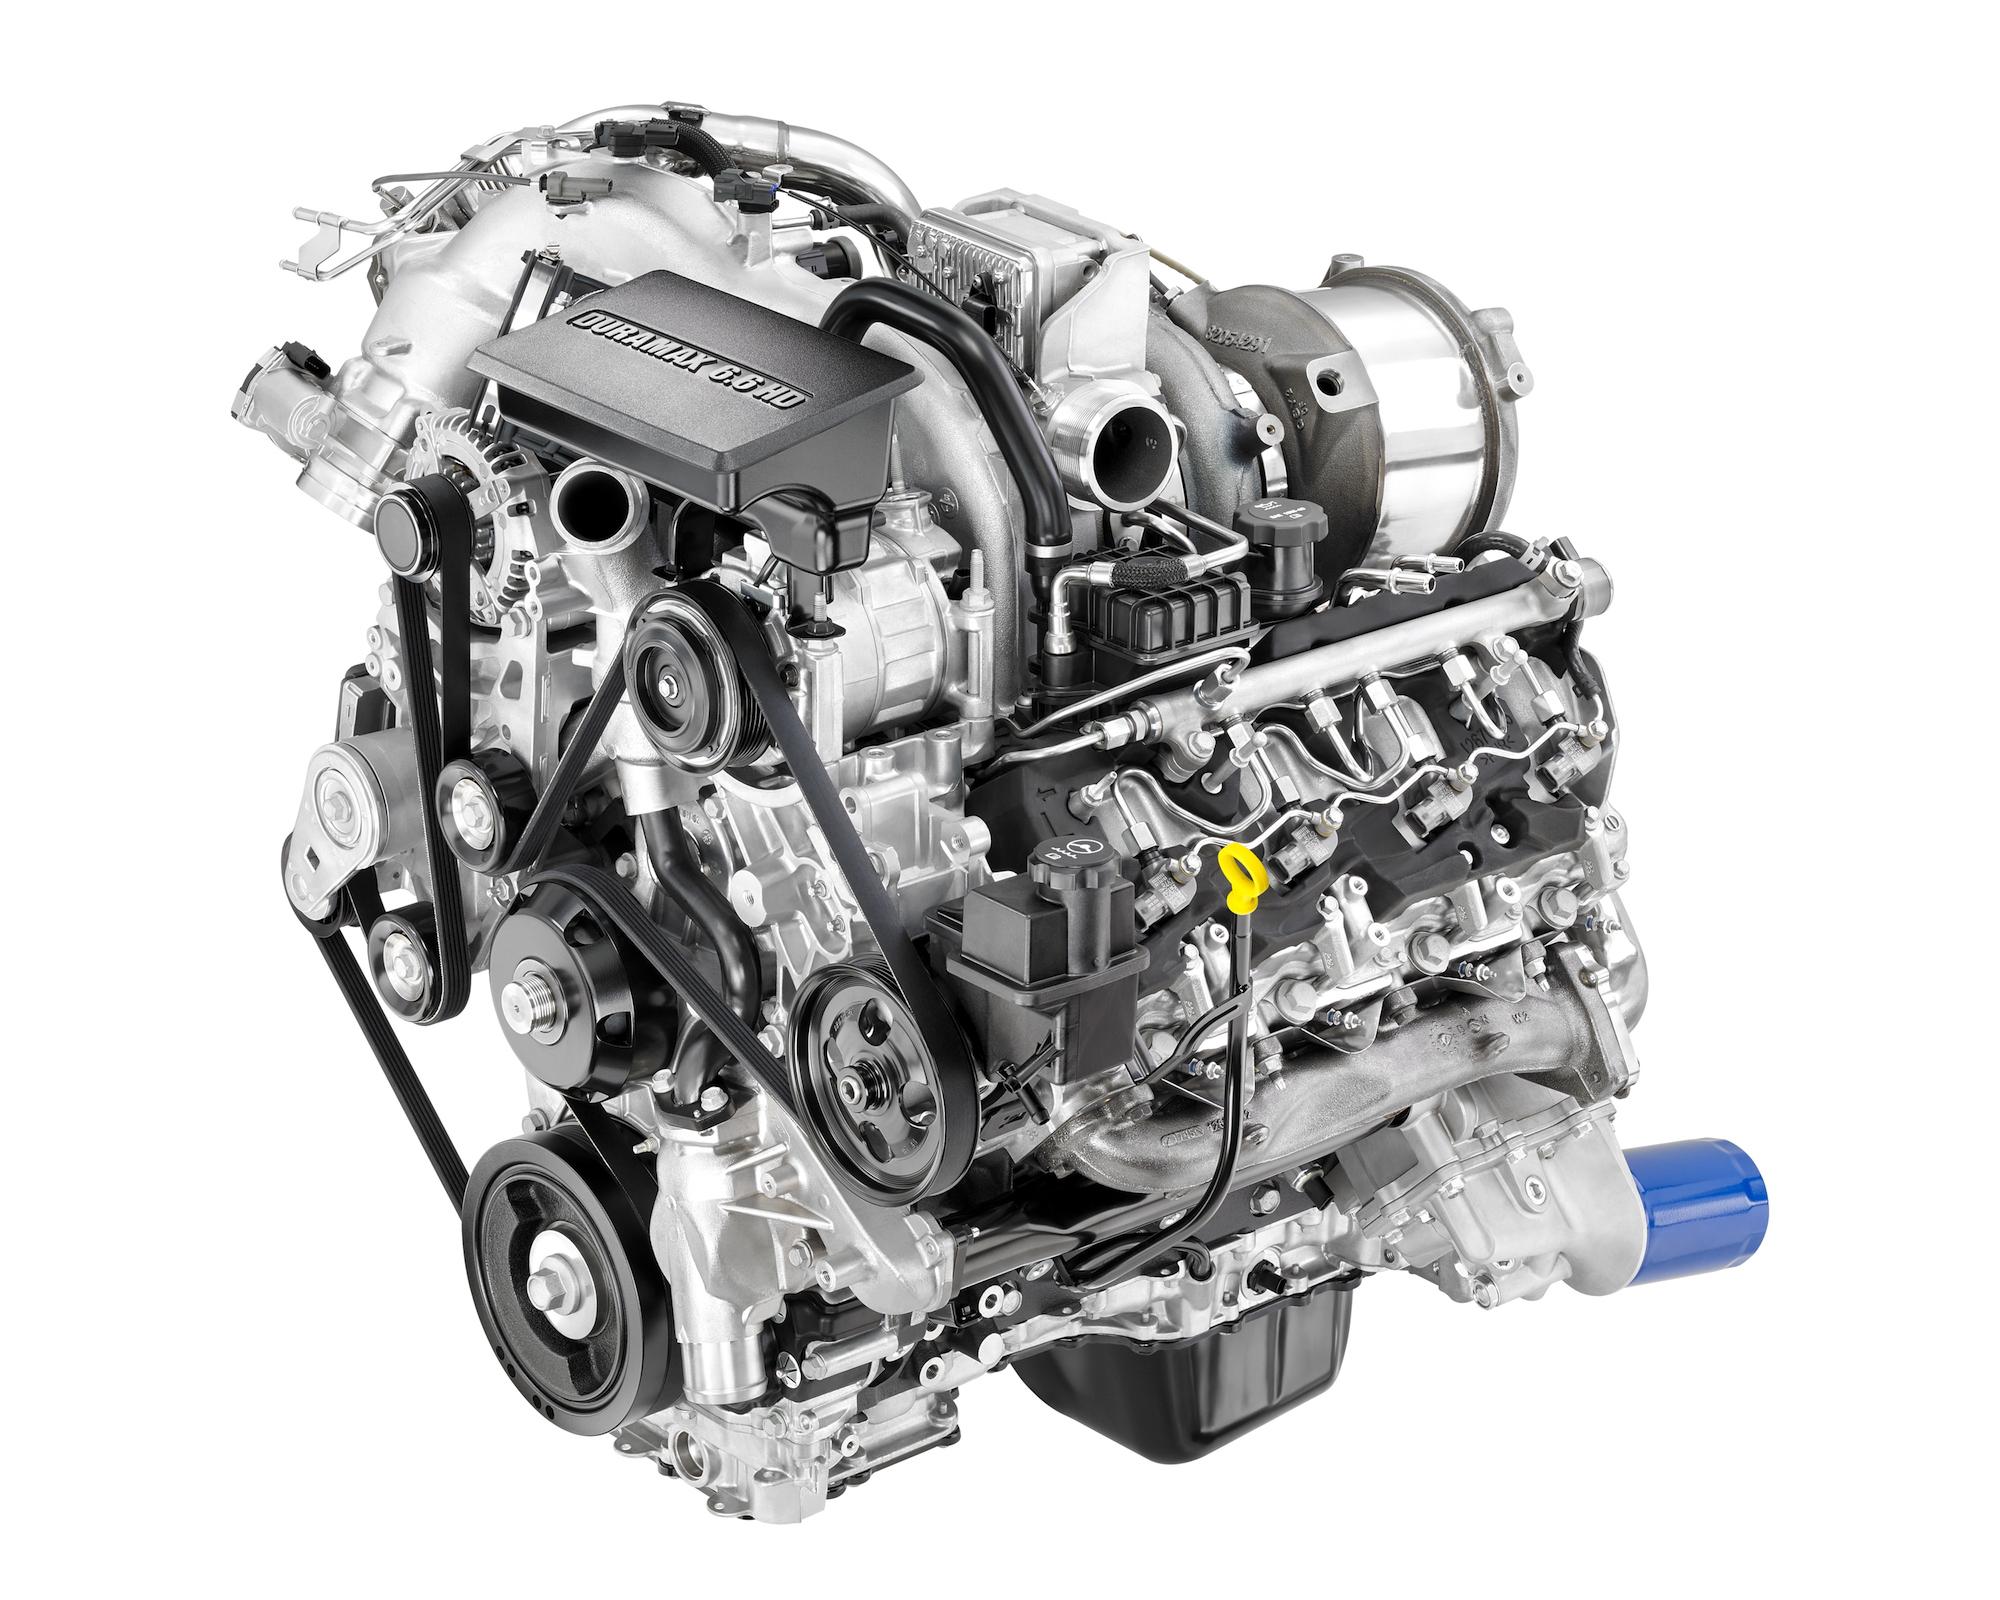 General Motors Unveils 2017 Silverado Duramax V8 Diesel